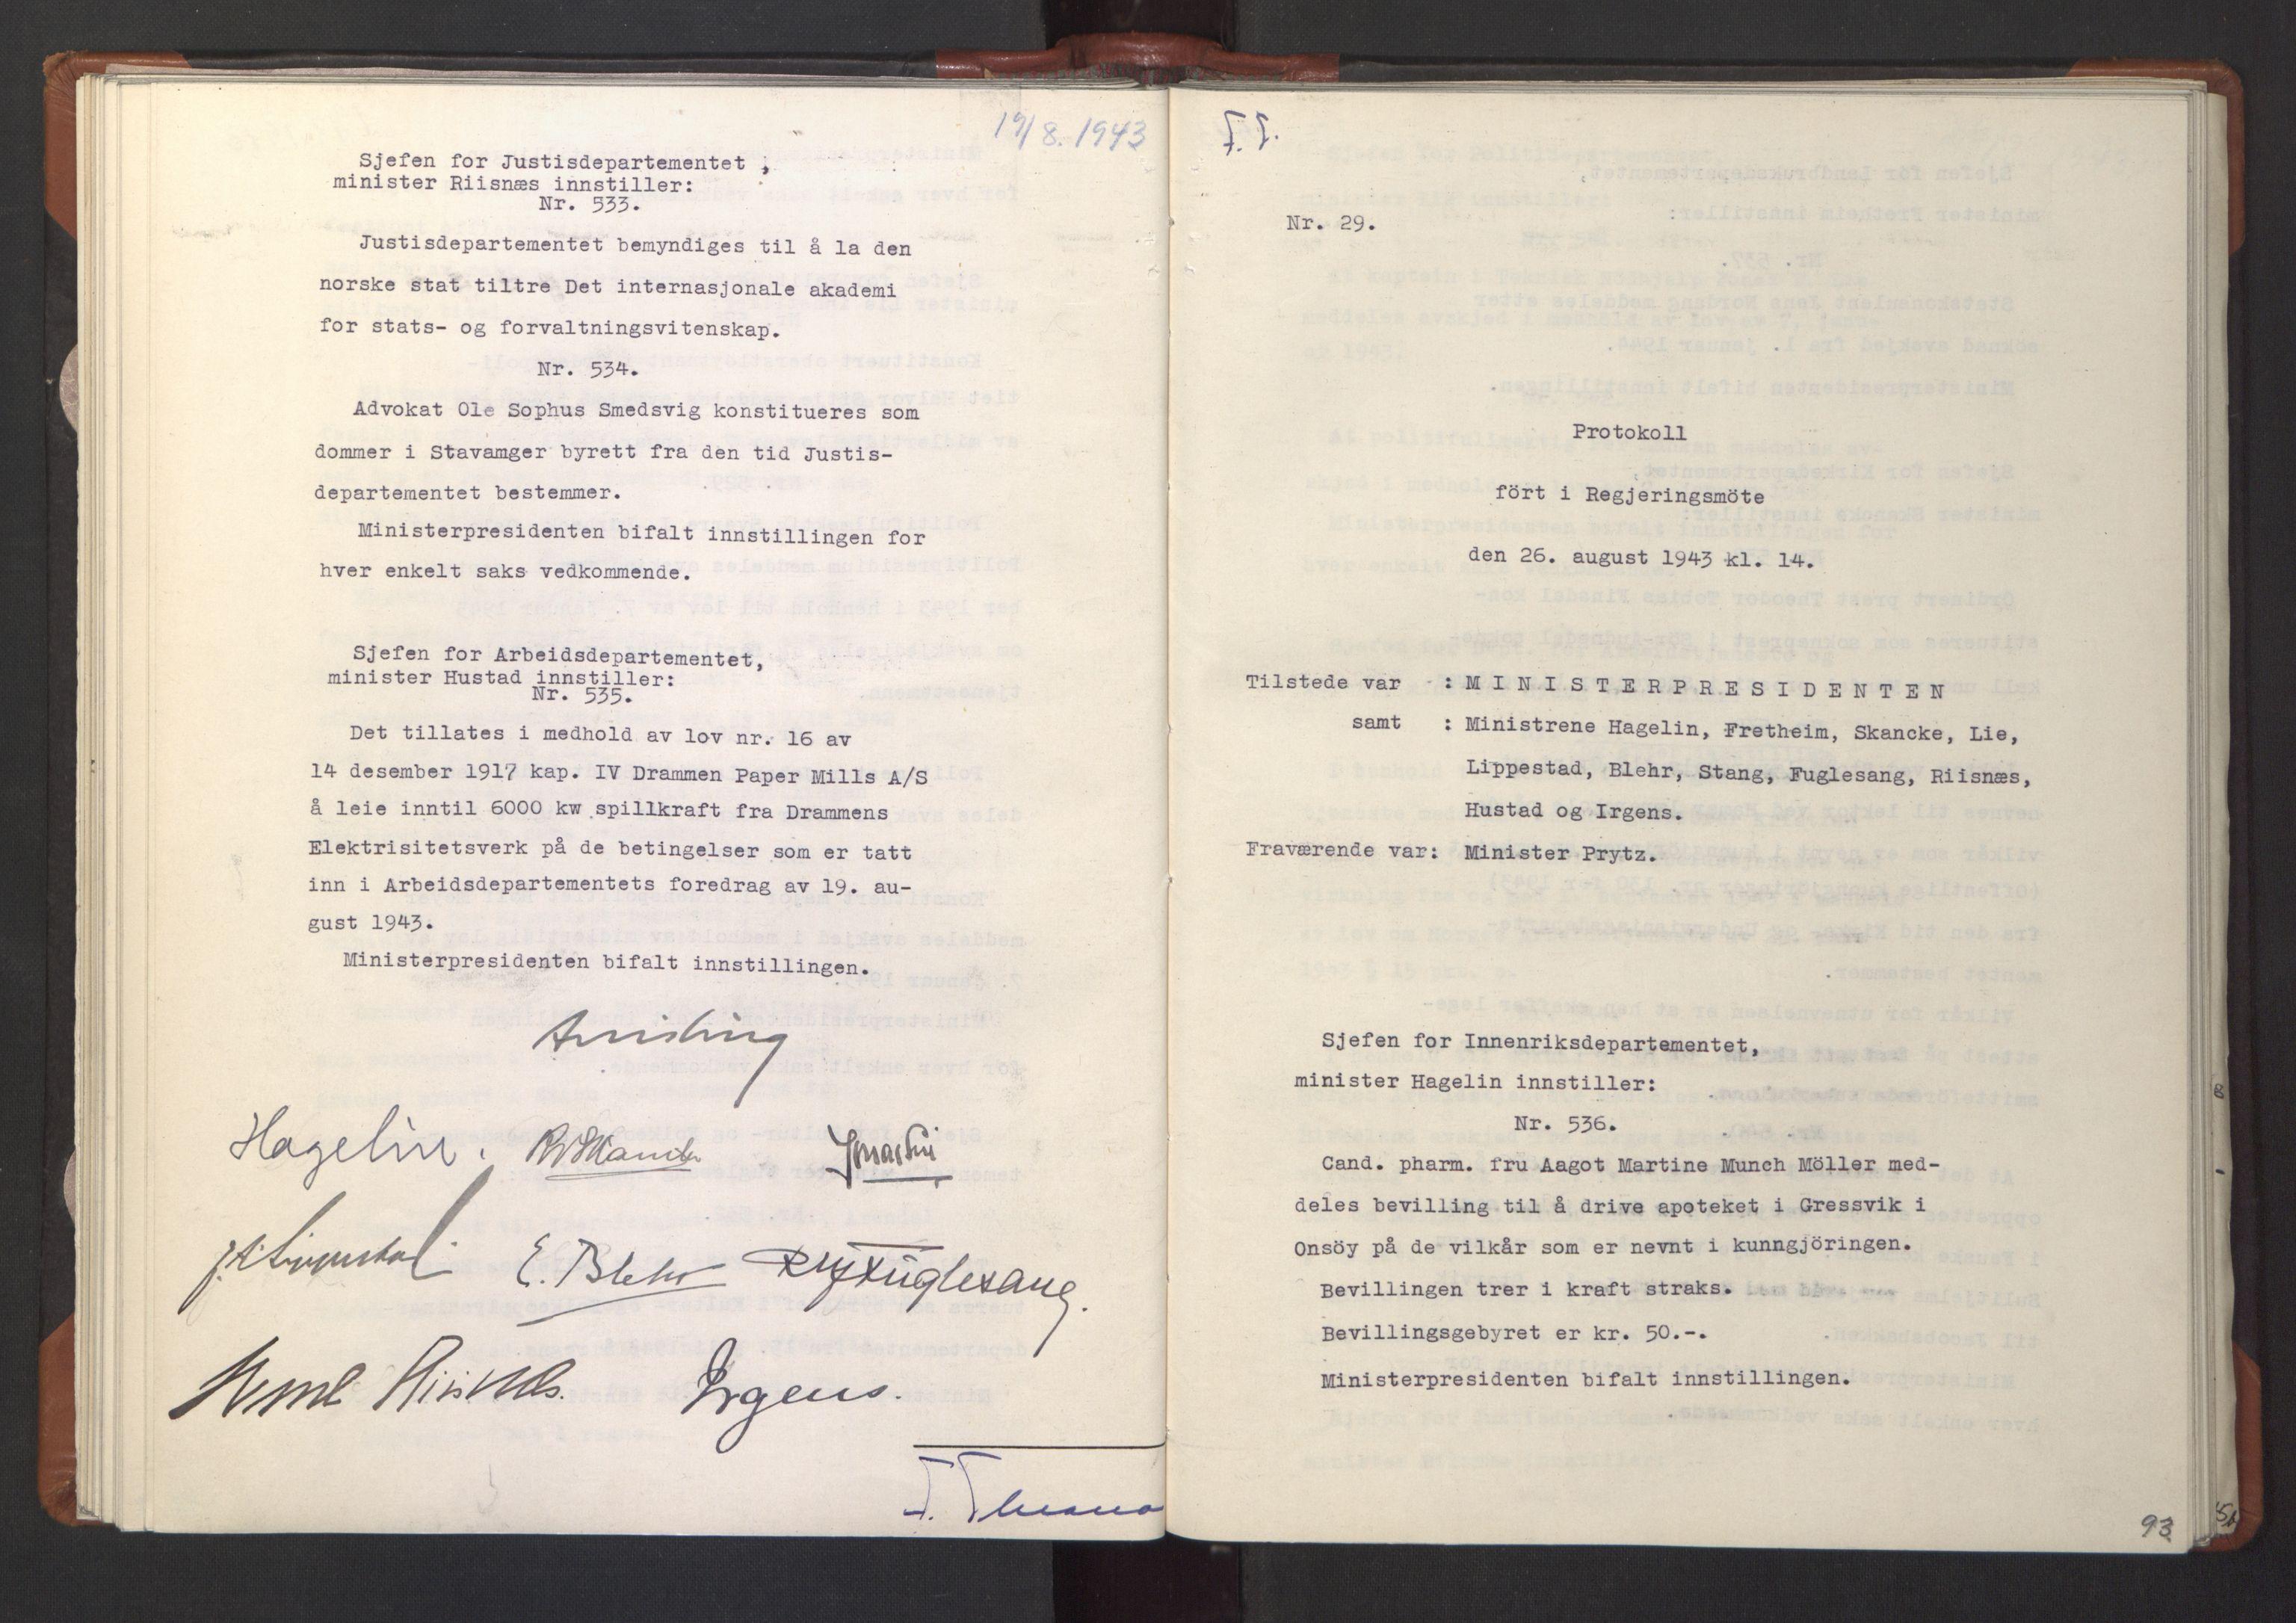 RA, NS-administrasjonen 1940-1945 (Statsrådsekretariatet, de kommisariske statsråder mm), D/Da/L0003: Vedtak (Beslutninger) nr. 1-746 og tillegg nr. 1-47 (RA. j.nr. 1394/1944, tilgangsnr. 8/1944, 1943, s. 92b-93a